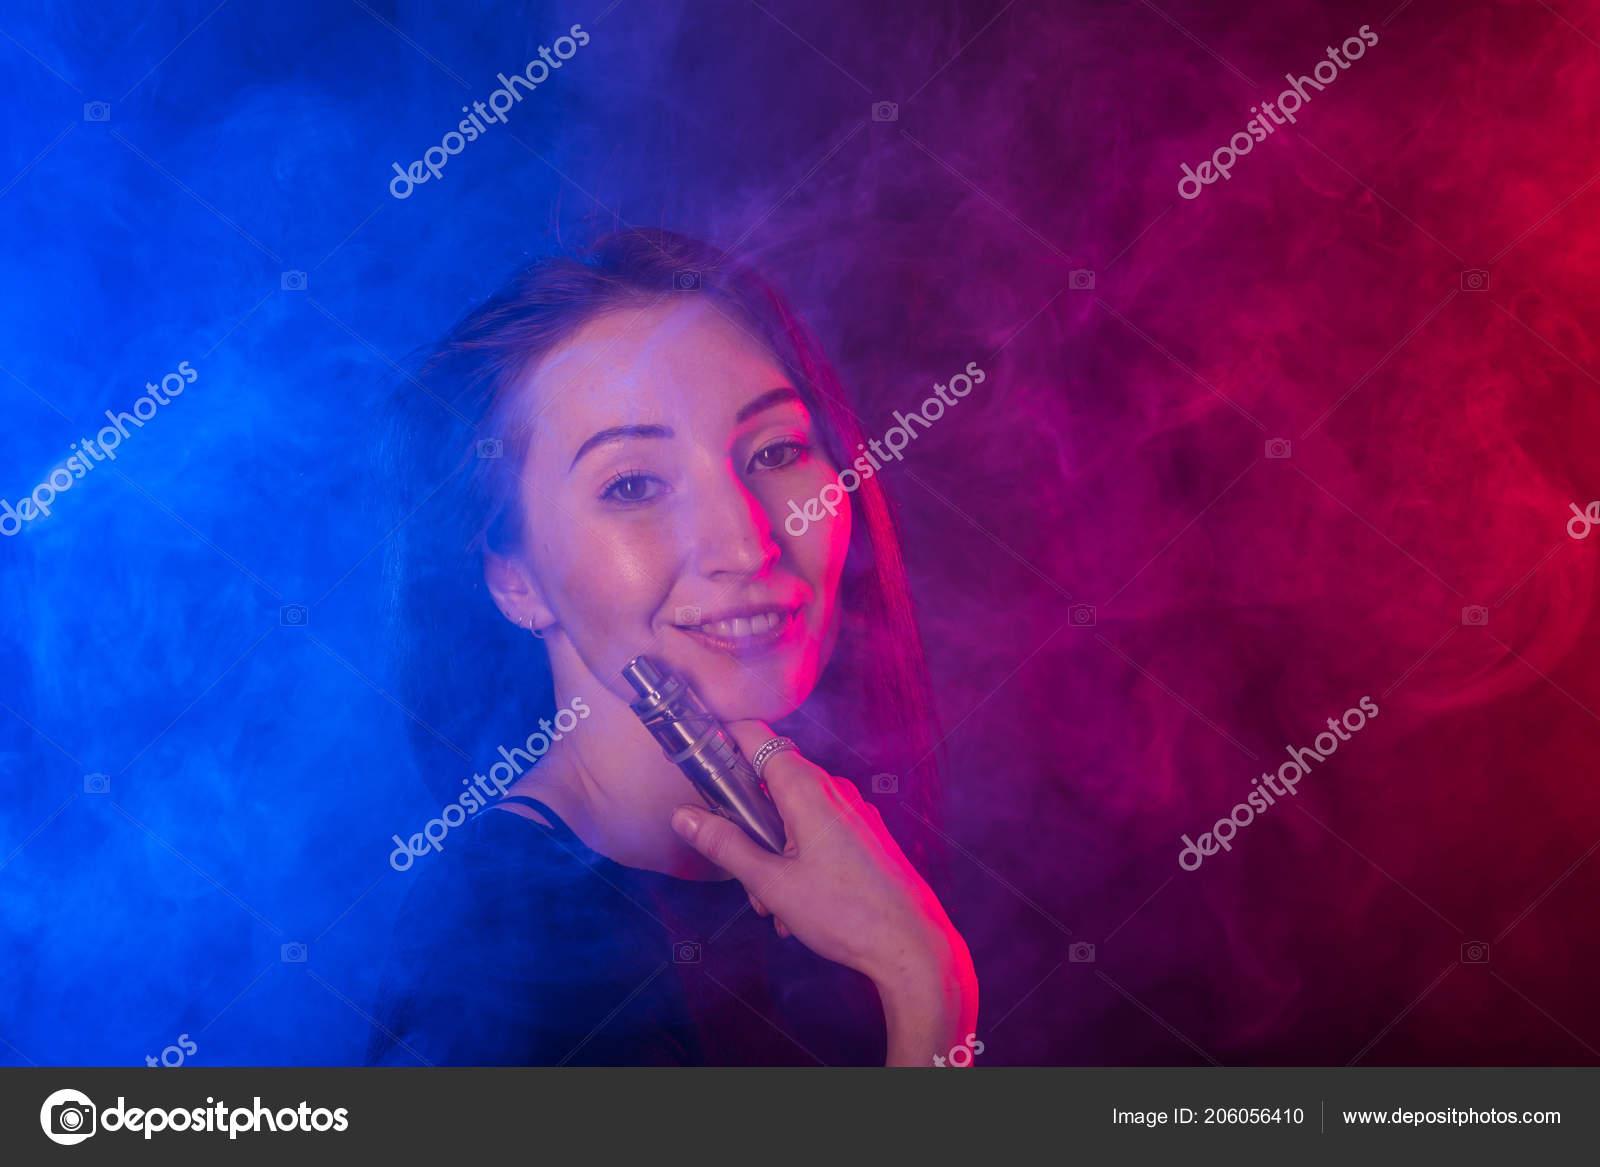 9151035c7b5b Πορτραίτο κοριτσιού σε χρωματιστό νέον καπνού με vape ή ηλεκτρονικό τσιγάρο  — Φωτογραφία Αρχείου